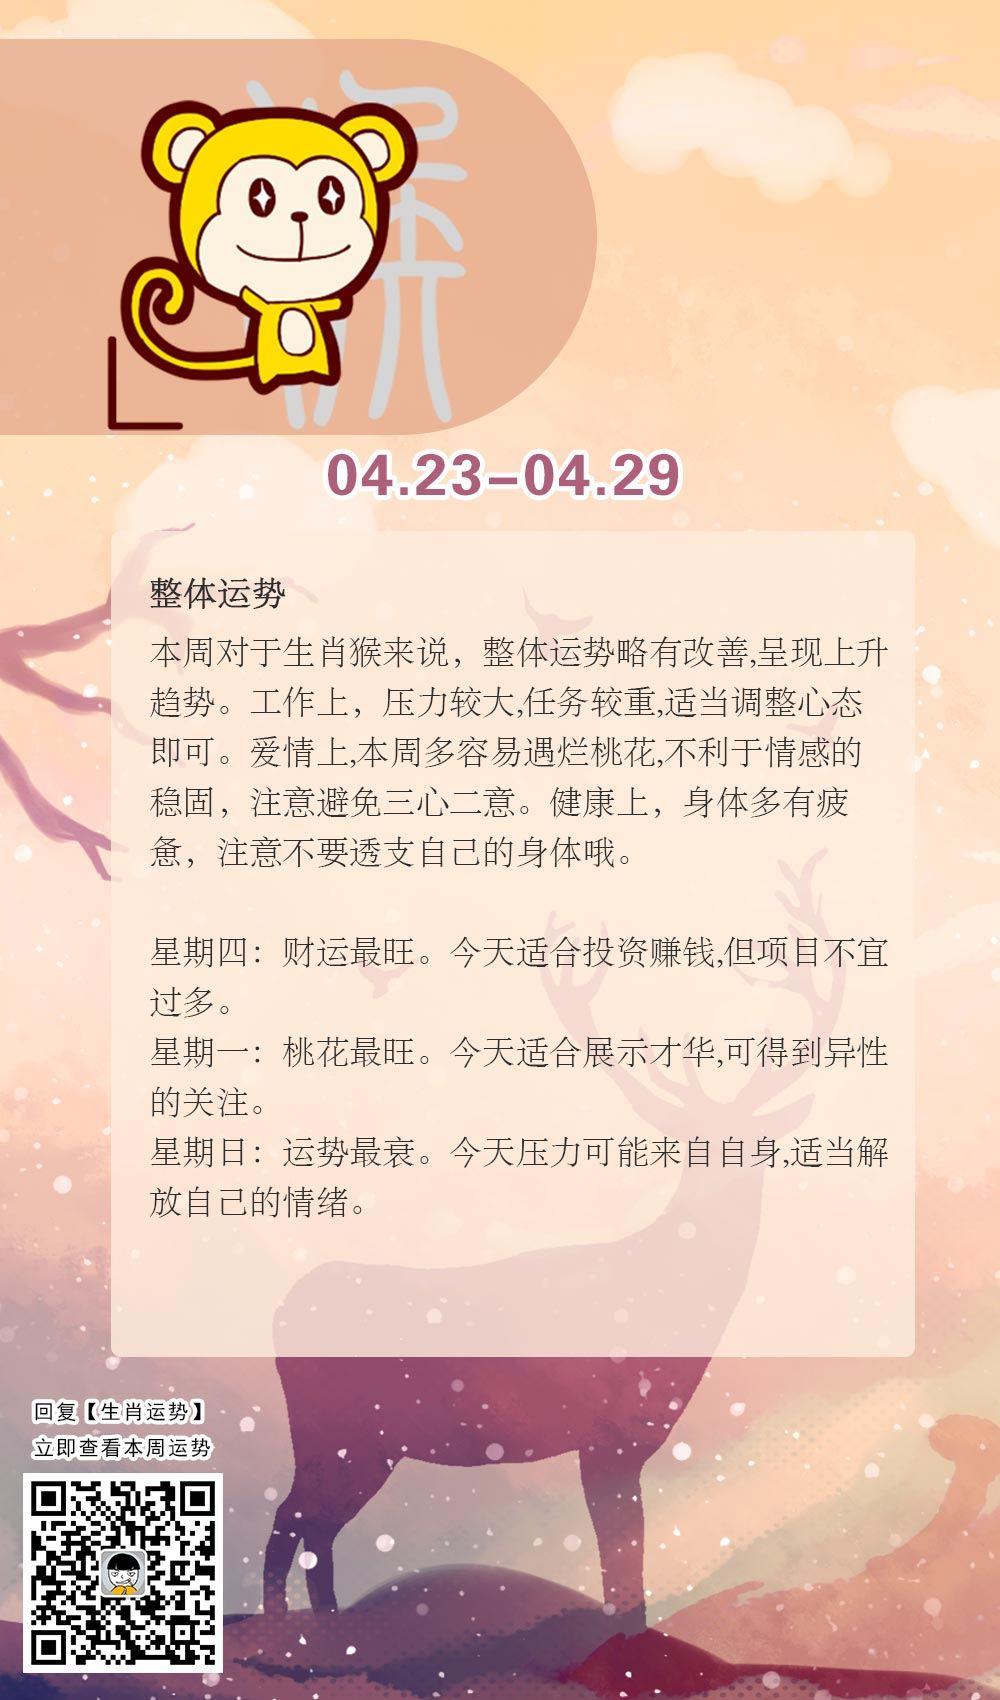 生肖猴本周运势【2018.04.23-04.29】